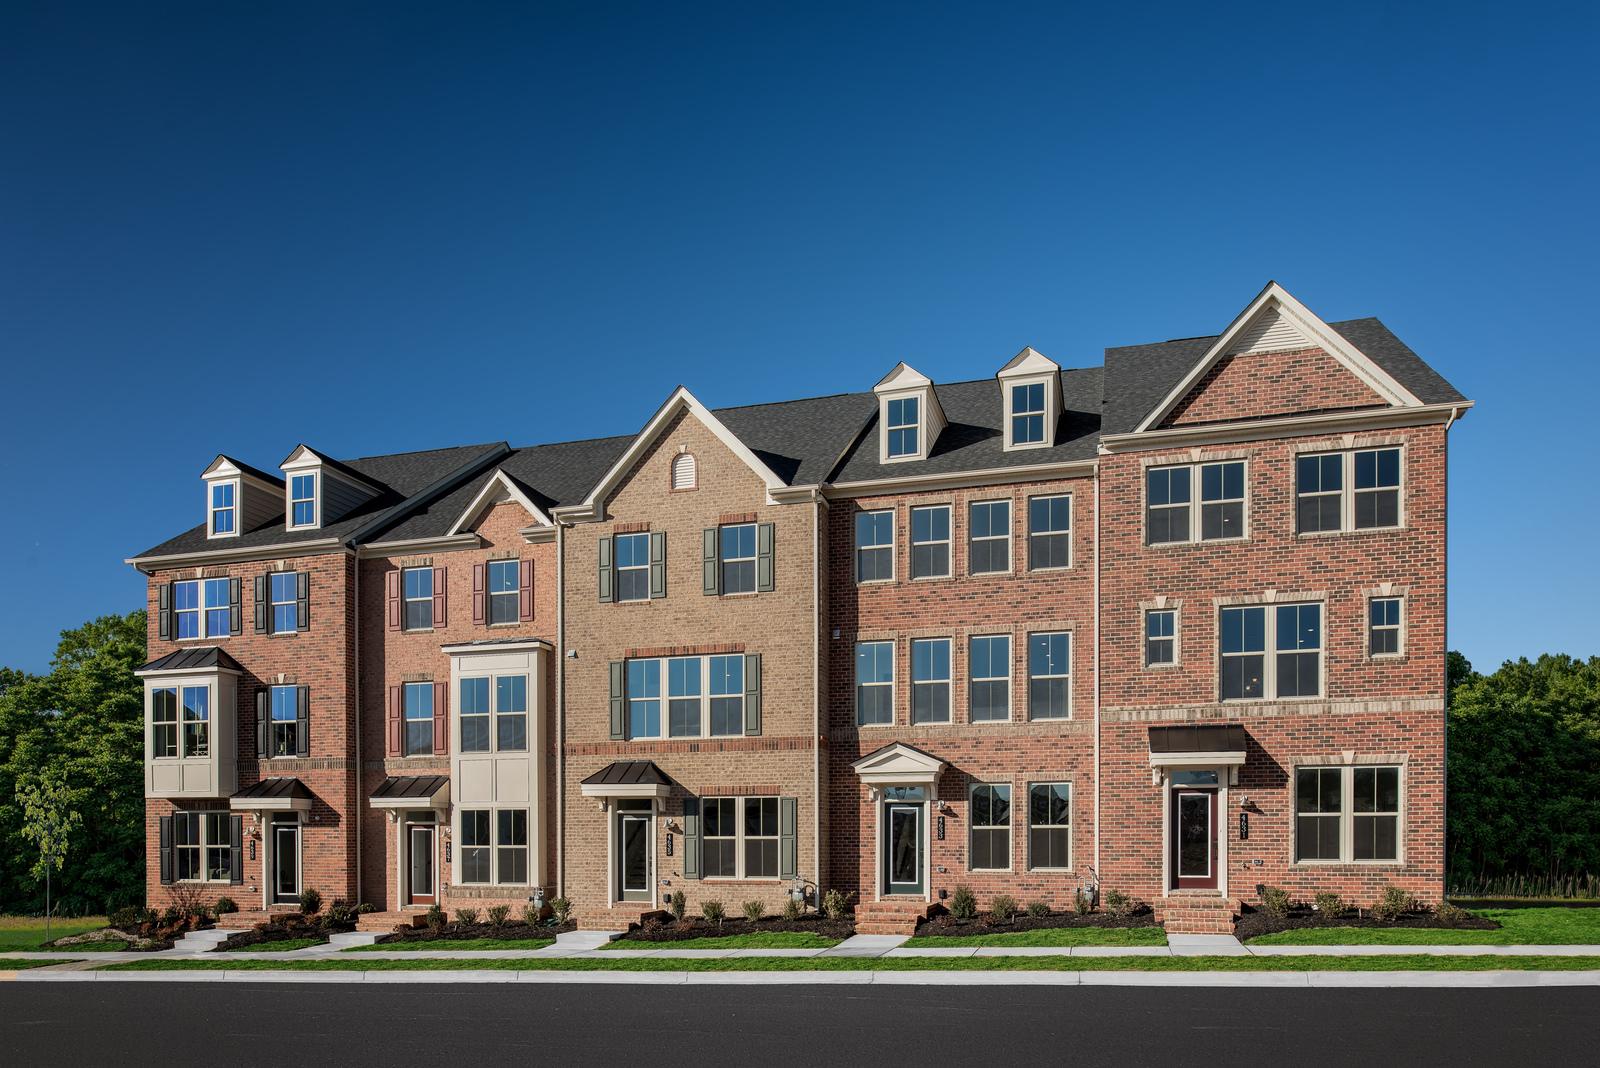 New Van Dorn Home Model at Landsdale Urbana in MD | NVHomes